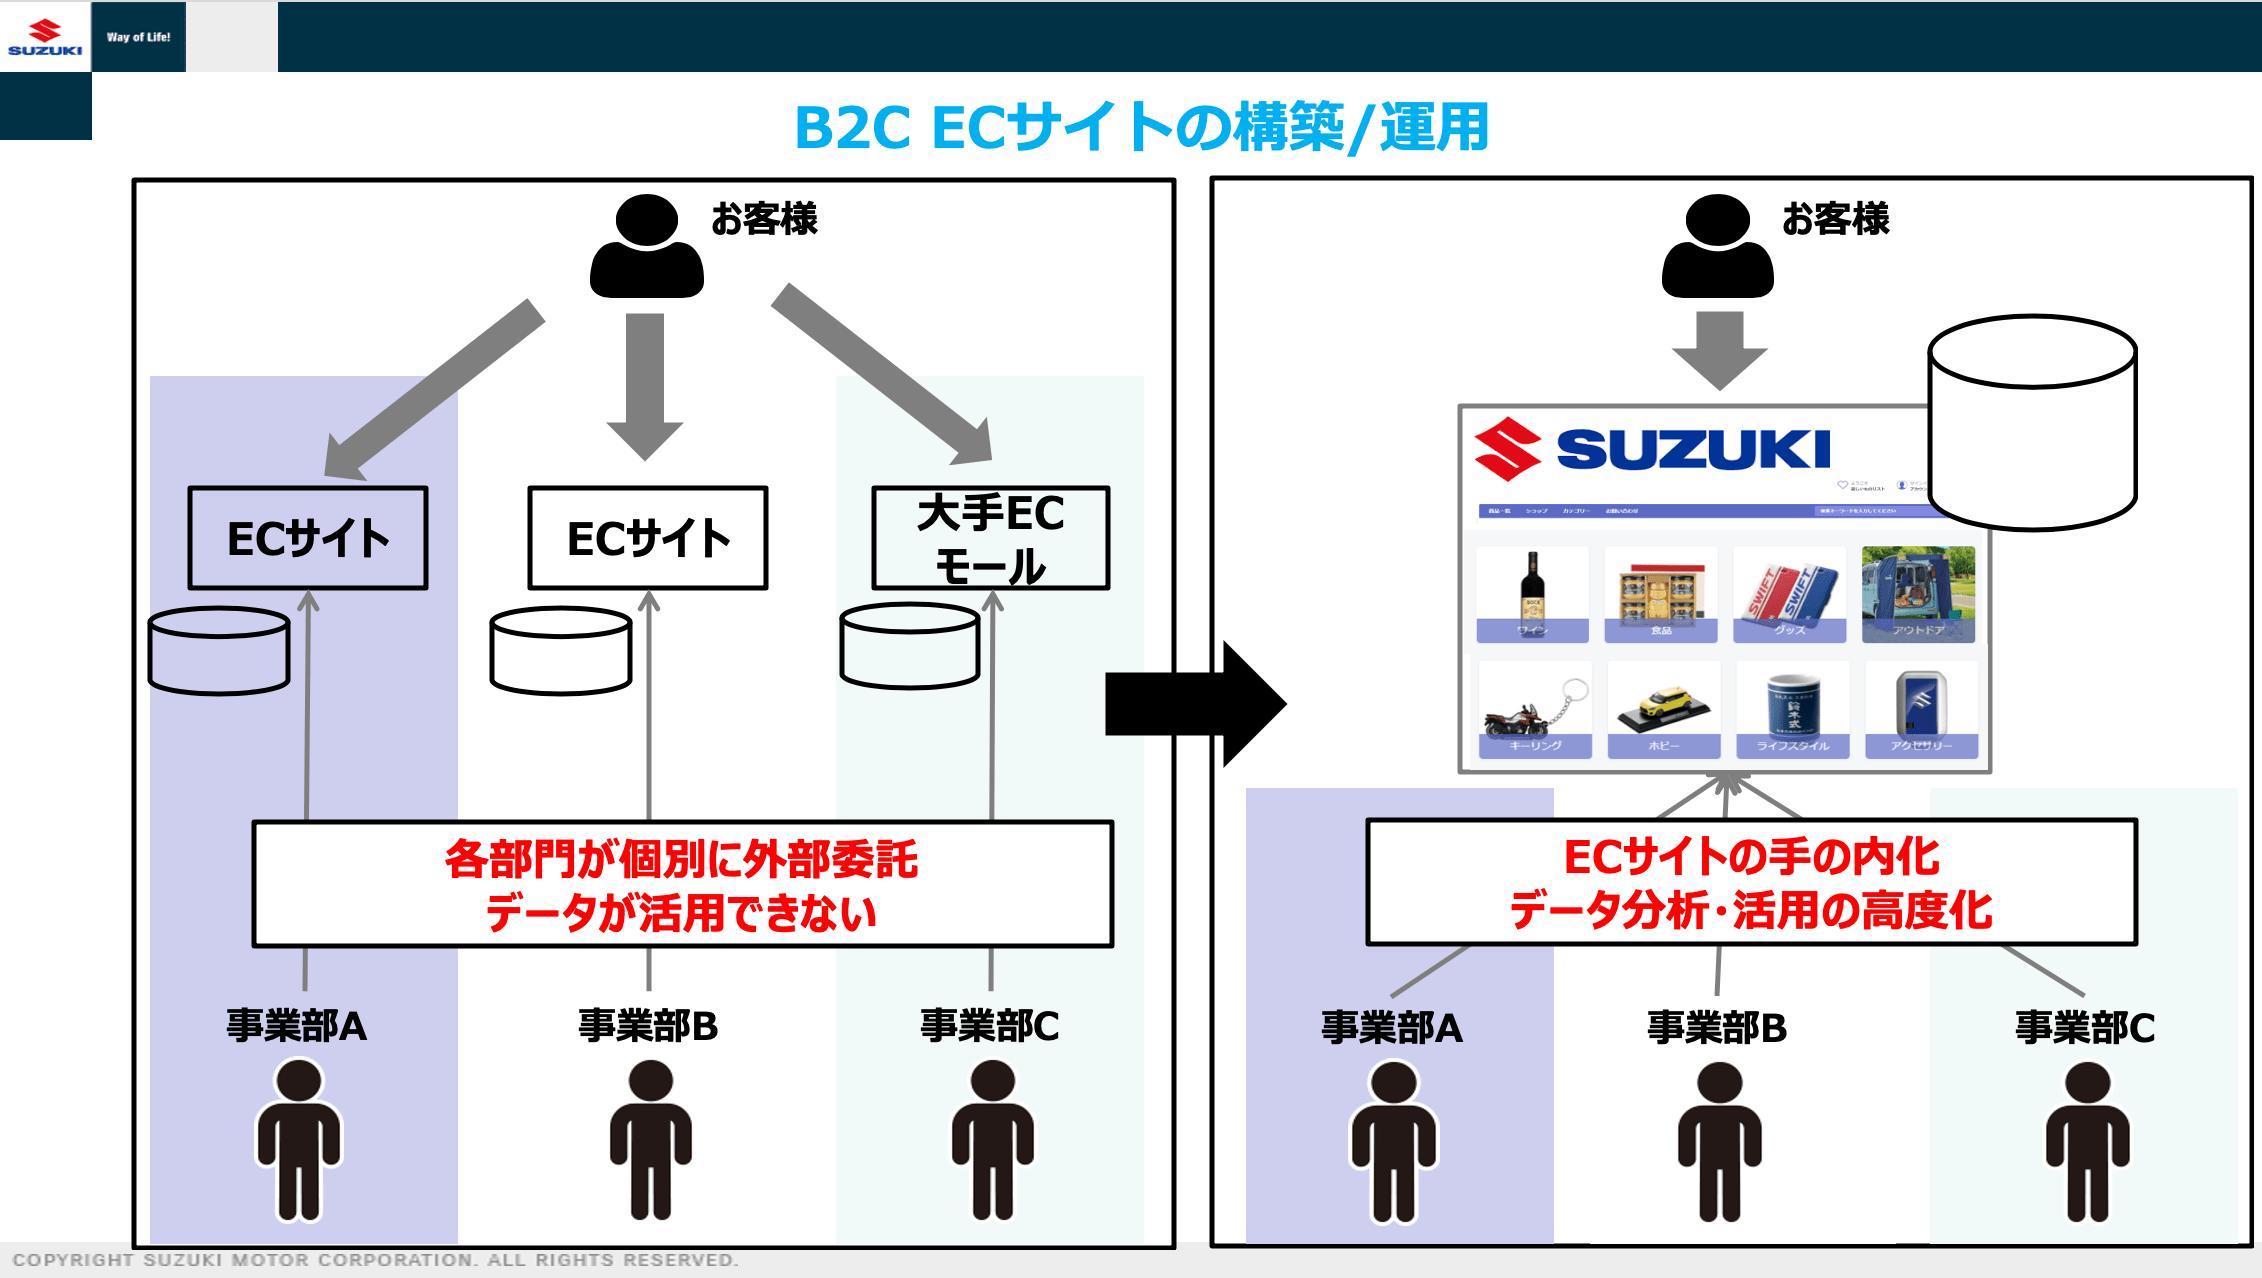 SUZUKI様_B2CECサイトの構築・運用